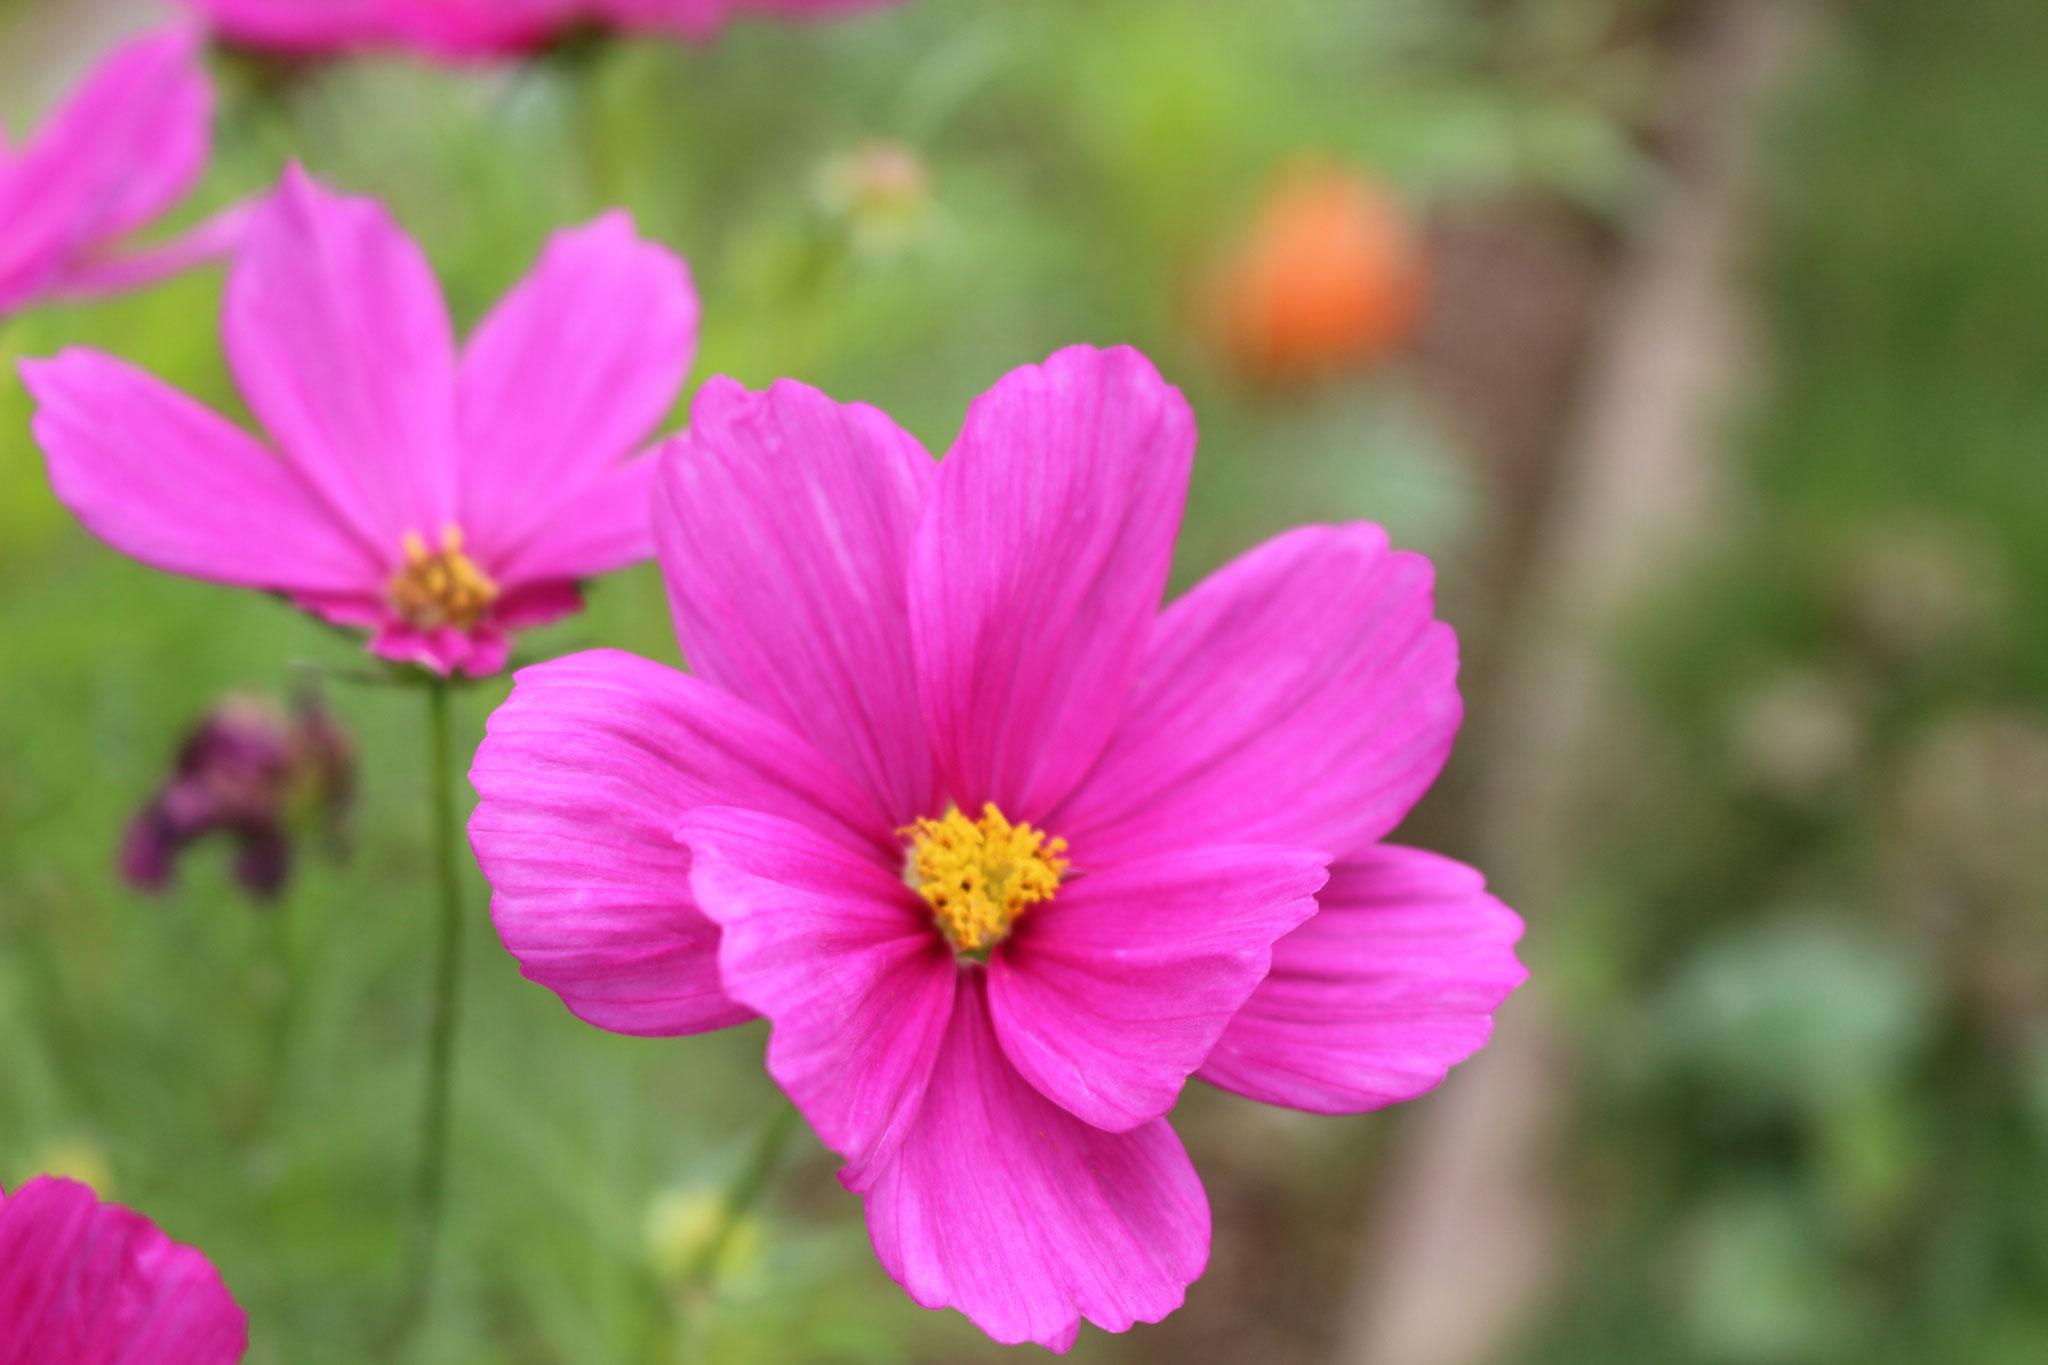 ピンクのコスモスの花言葉は「乙女の純潔」 タネをうえたカプア組のお姉さんはピンクの花が大好きです